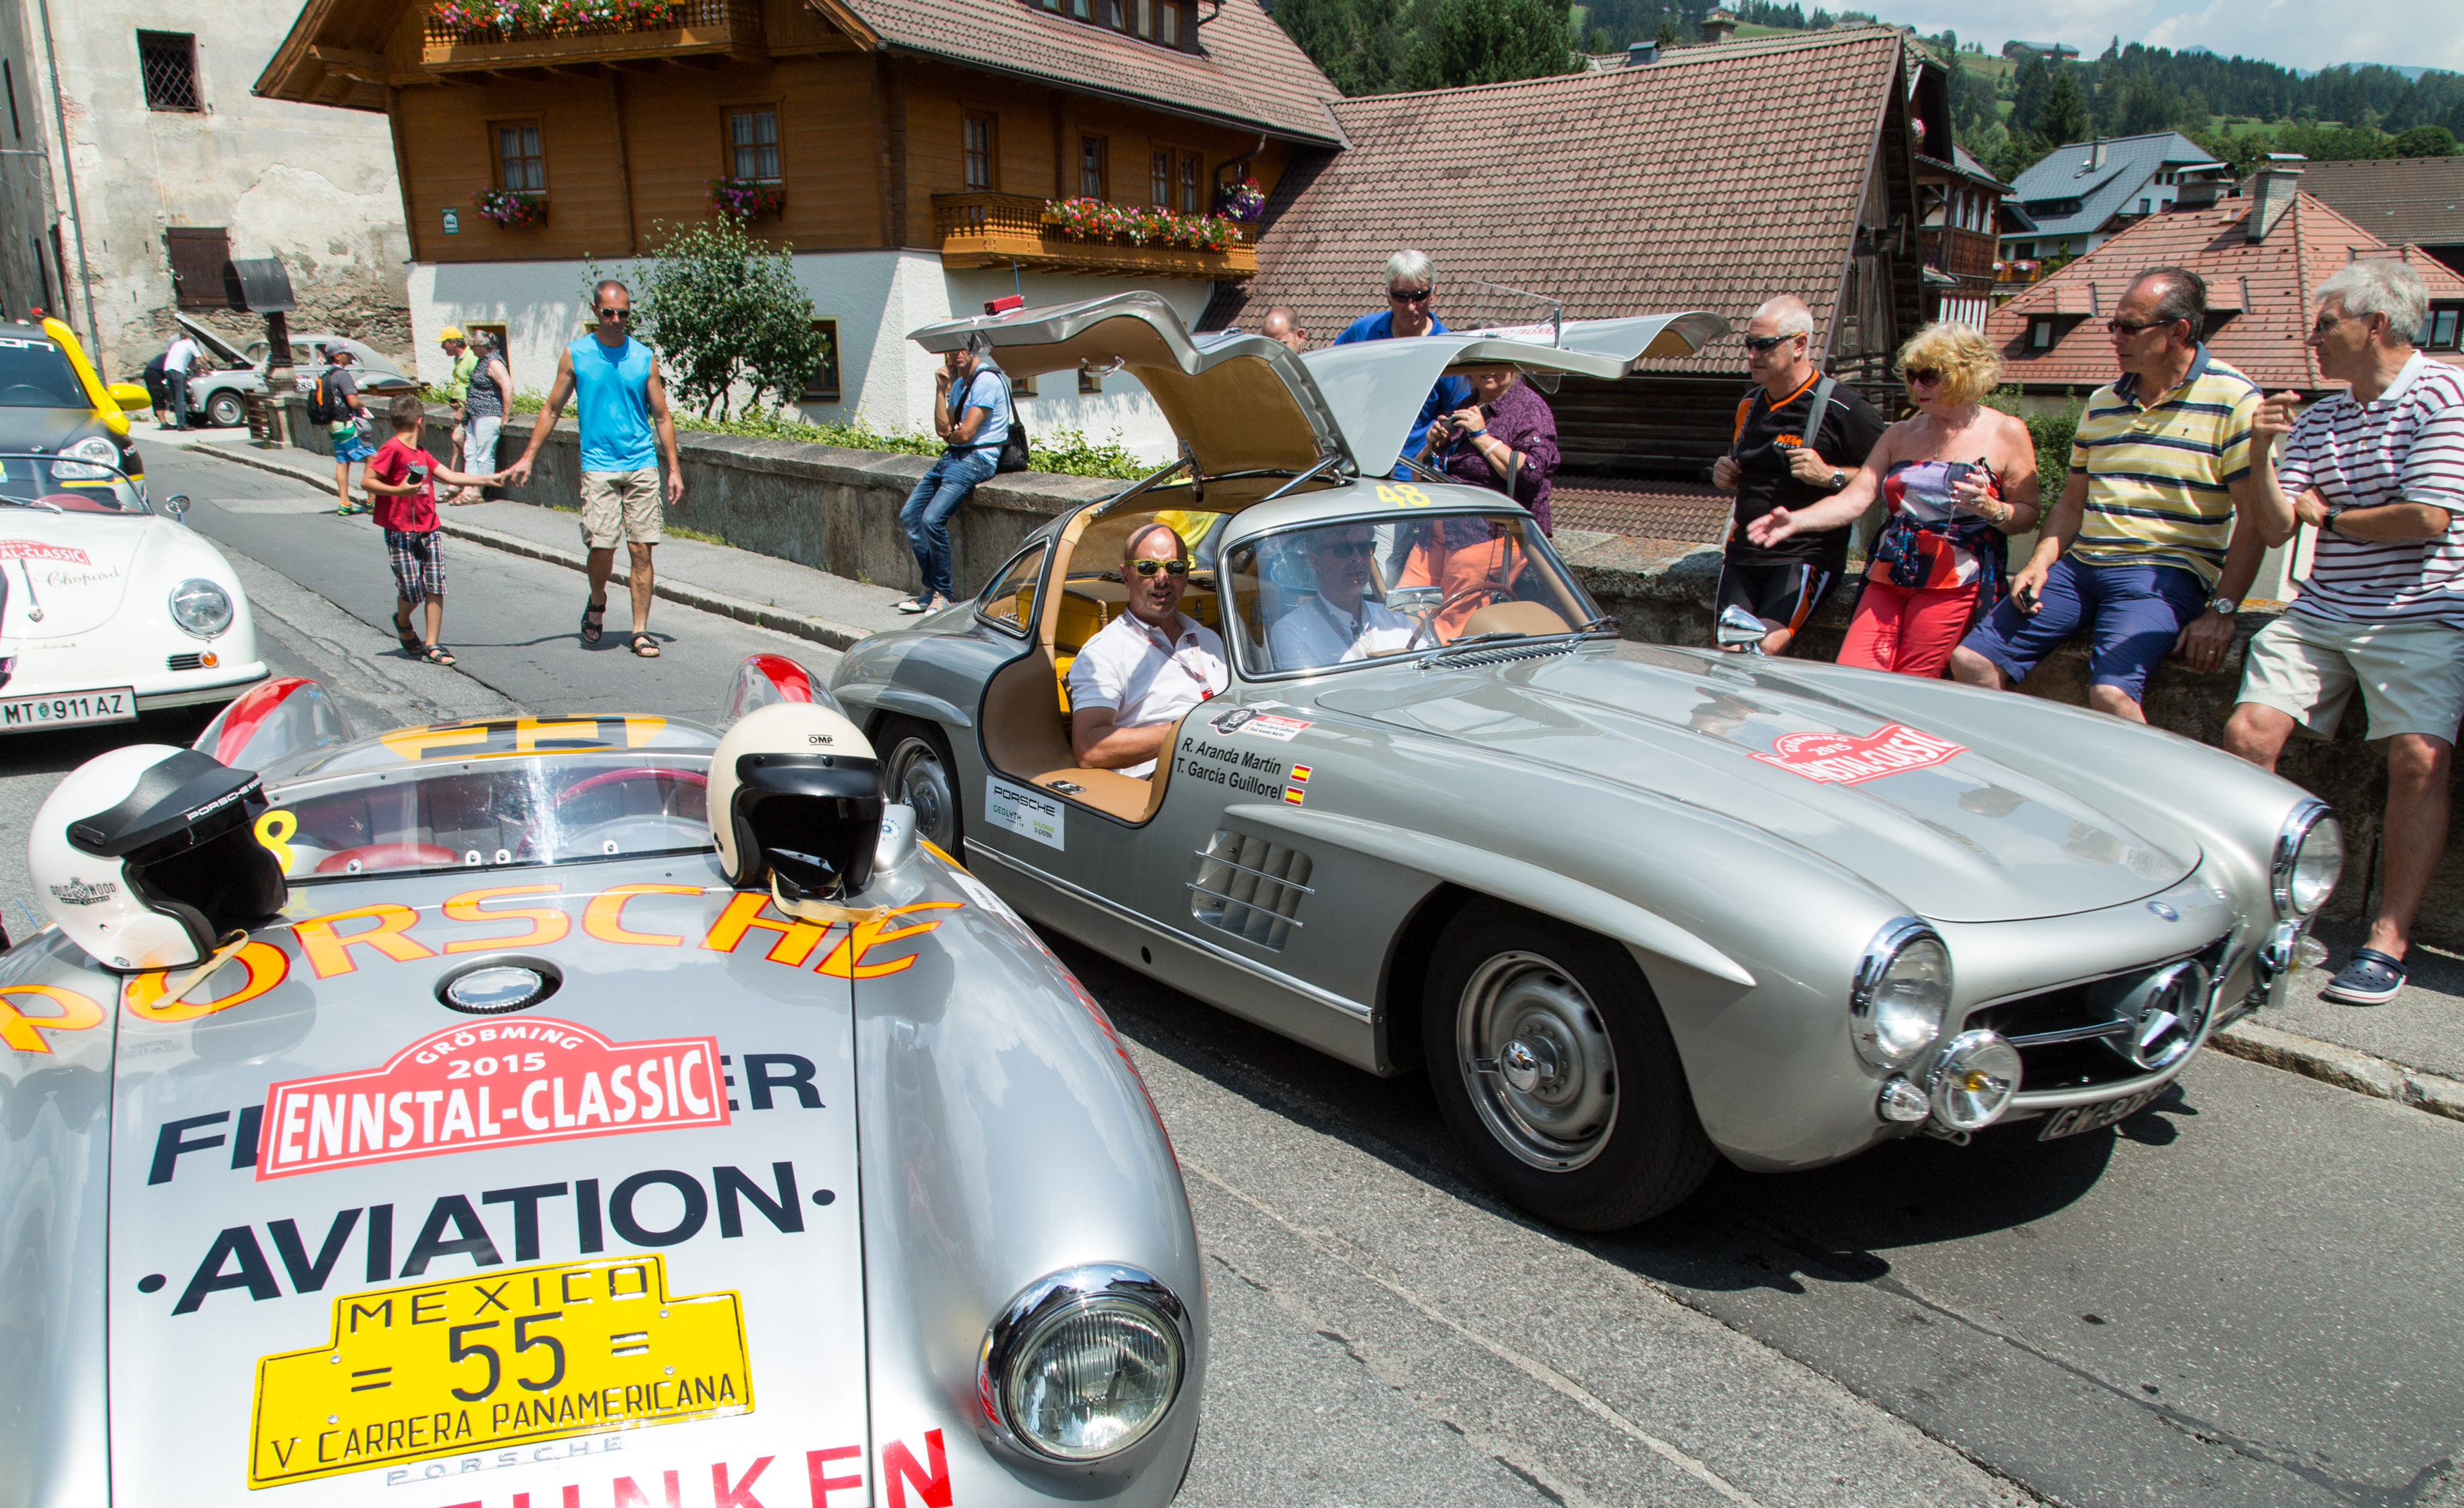 16.07.2015, Groebming, Steiermark, Oesterreich (Austria): 23. Ennstal-Classic, Geolyth-Prolog, Mauterndorf im Lungau. (c) Ennstal-Classic / Werner Luidolt